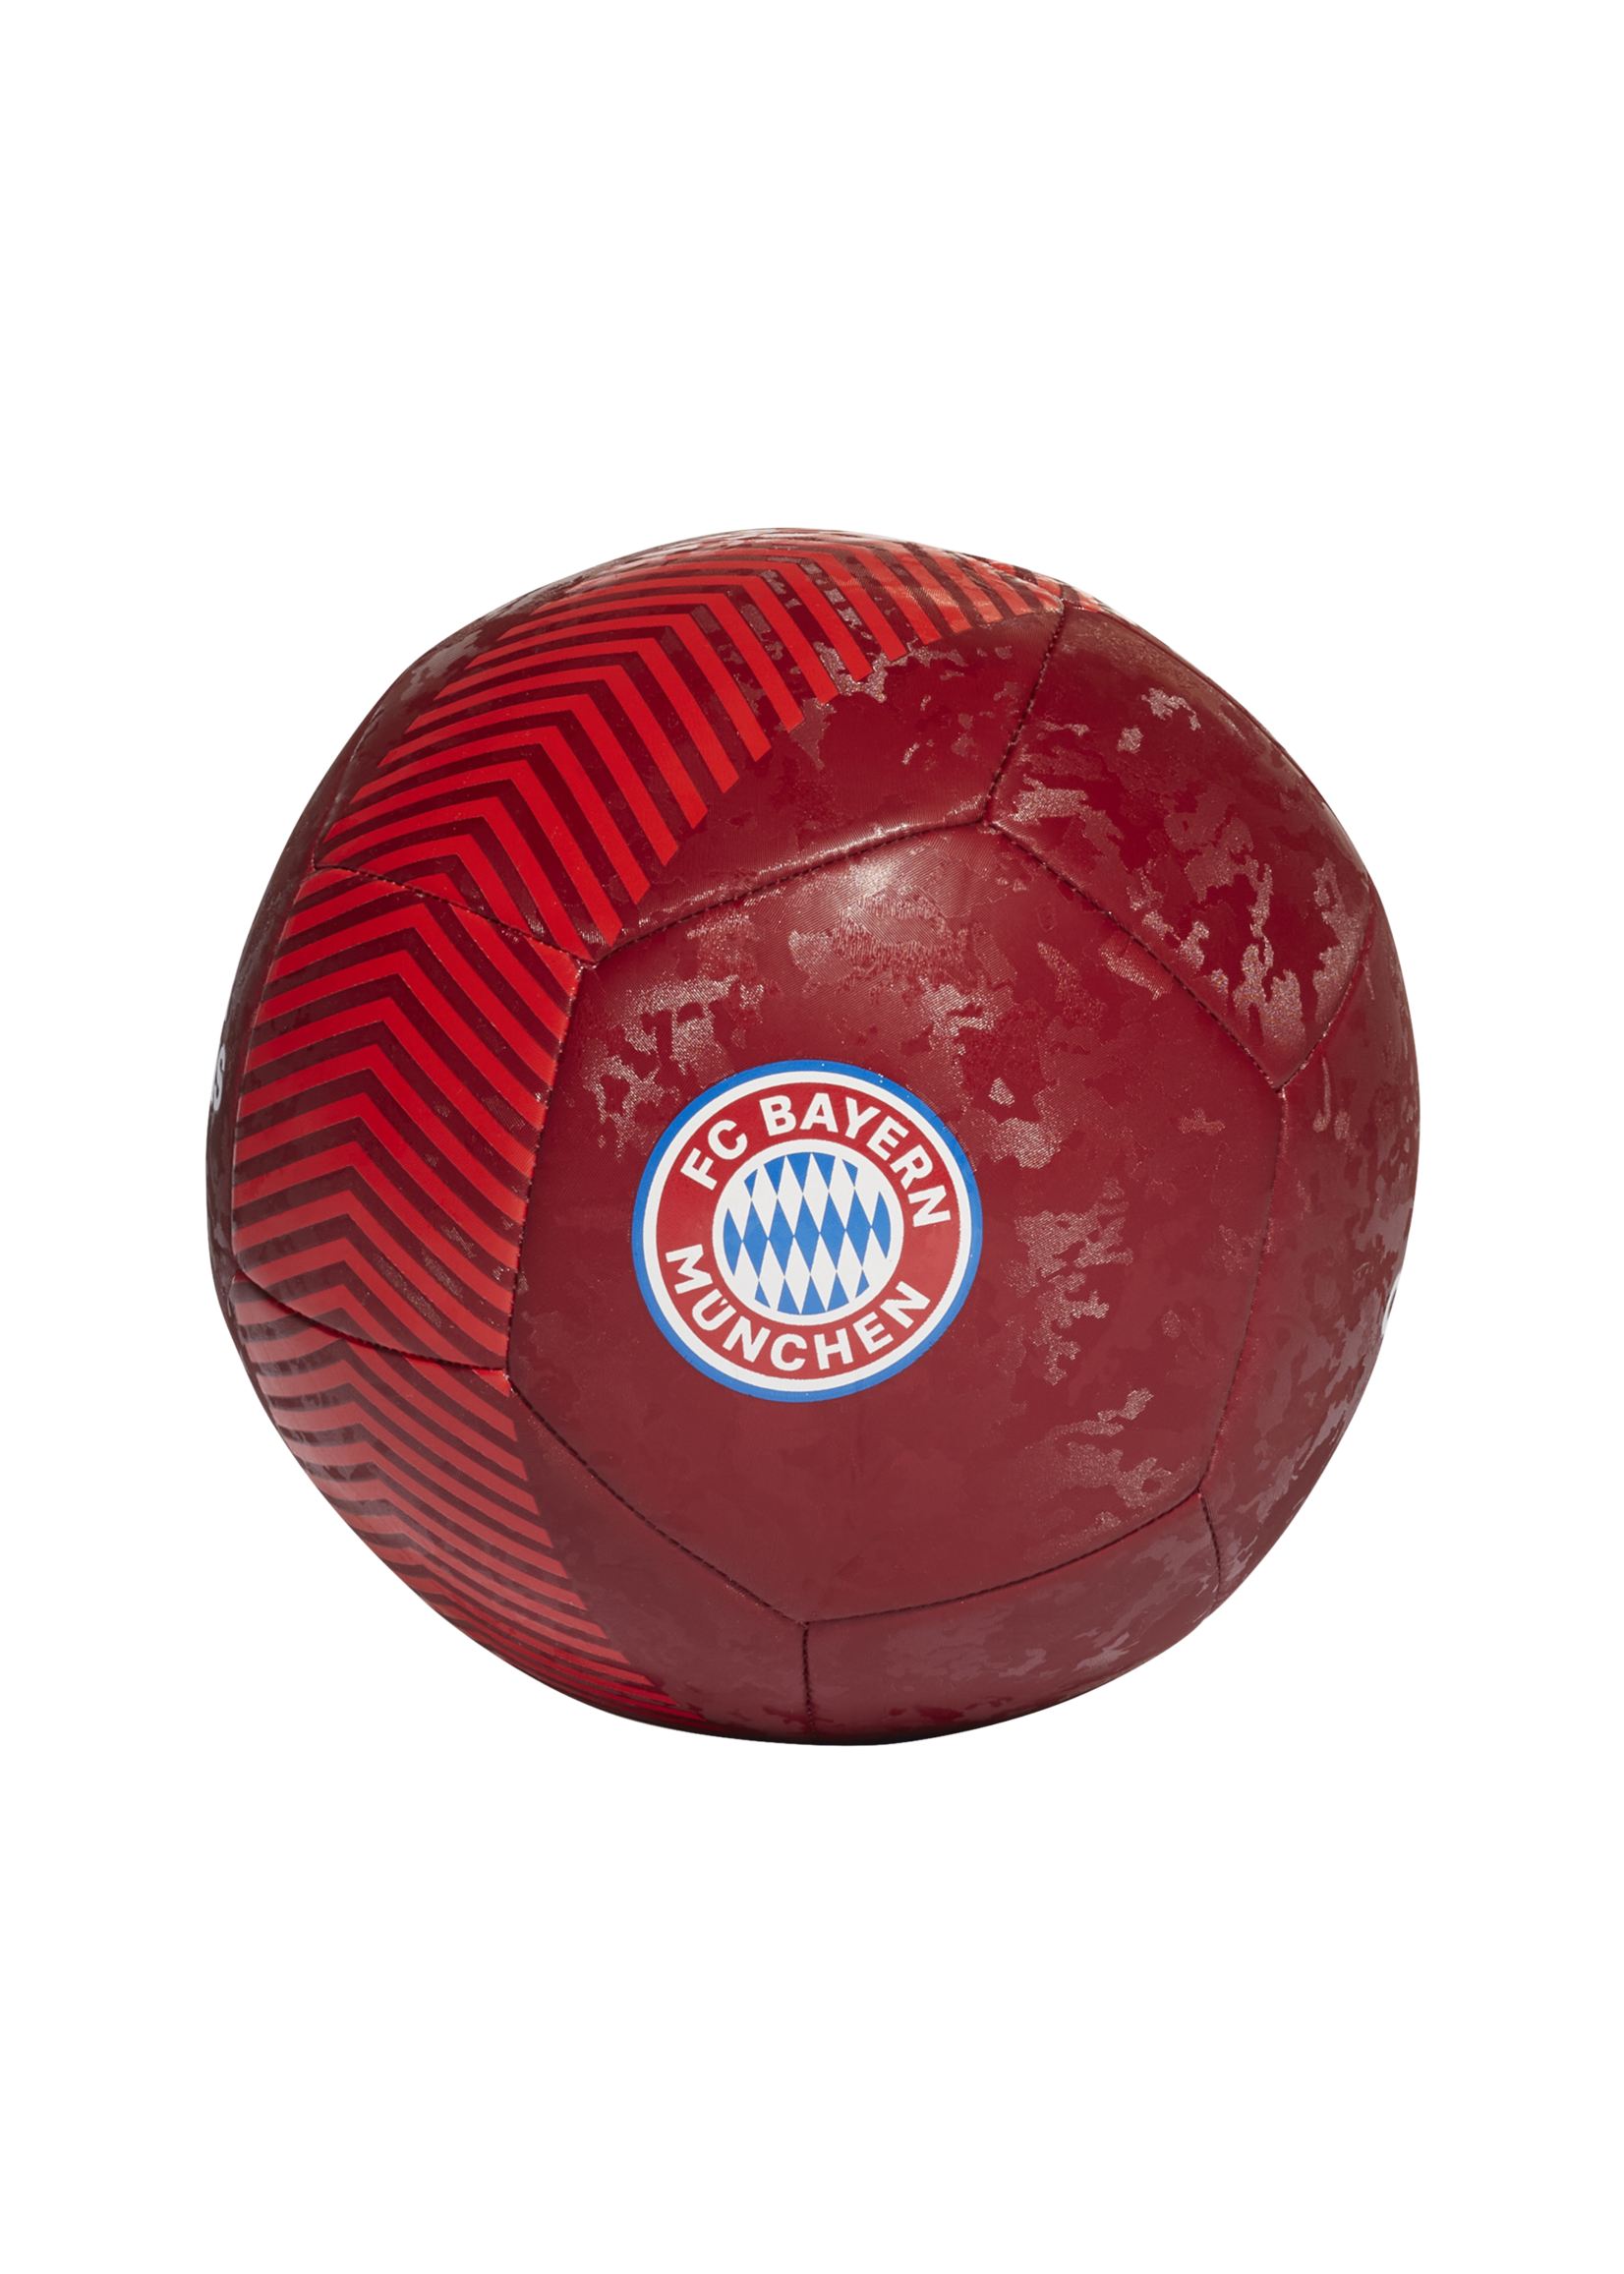 Adidas Bayern Munich 21/22 Club Ball